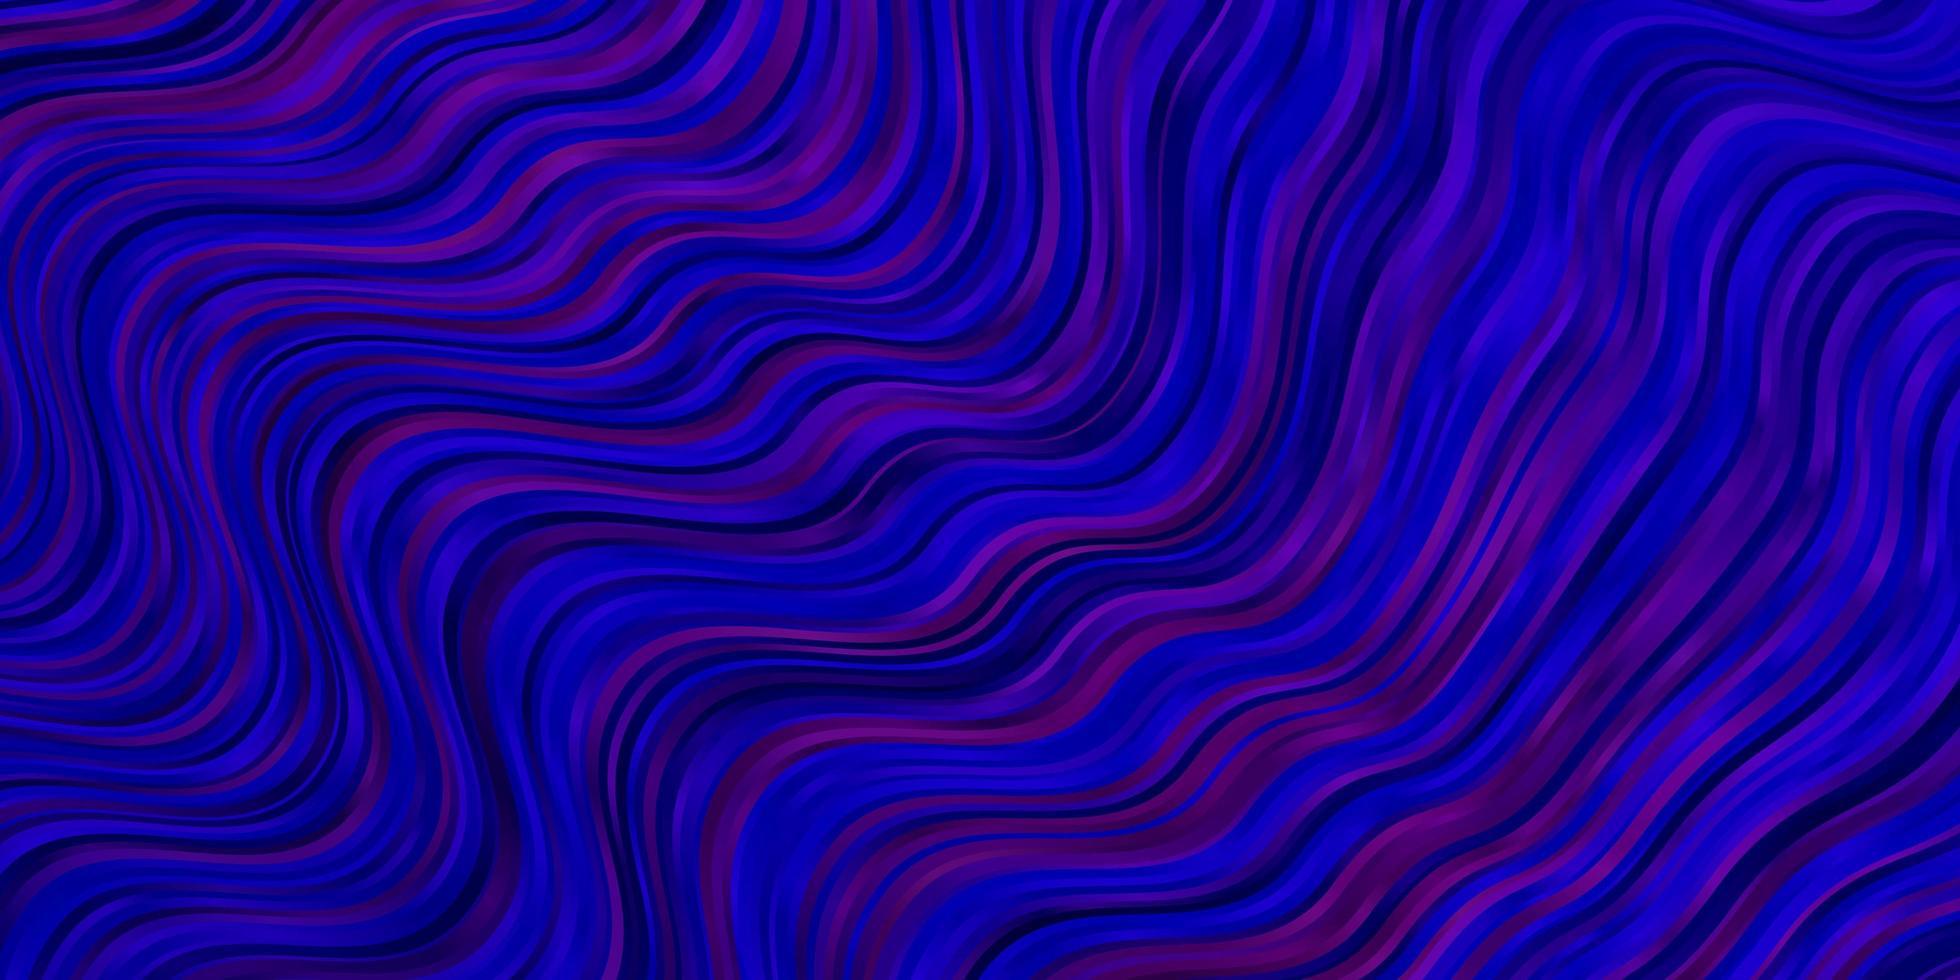 ljuslila vektormall med linjer. vektor